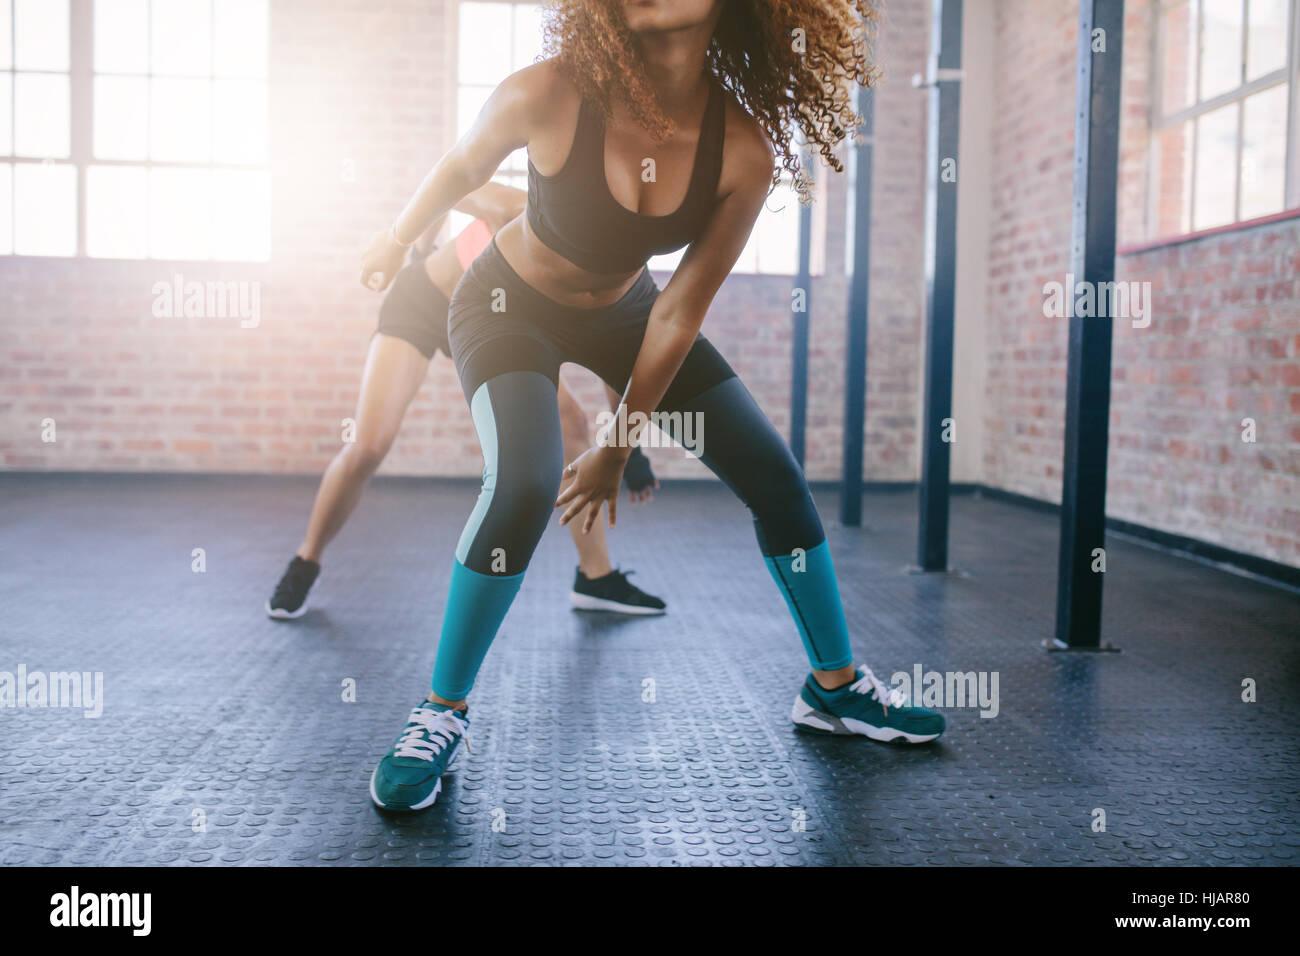 Ritagliato colpo di giovani femmine facendo esecuzione di allenamento in palestra. Focus sulle gambe delle donne. Immagini Stock